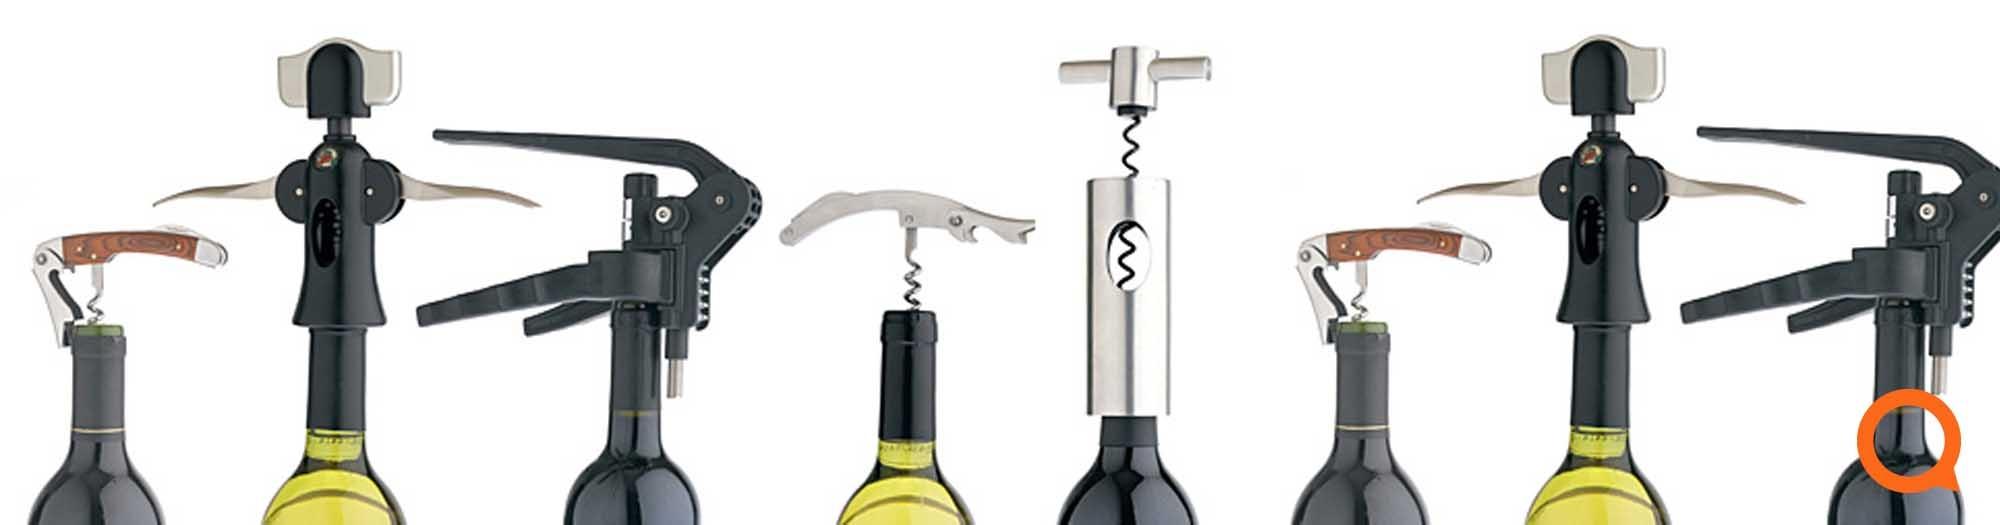 Wijnschenkers & stoppers